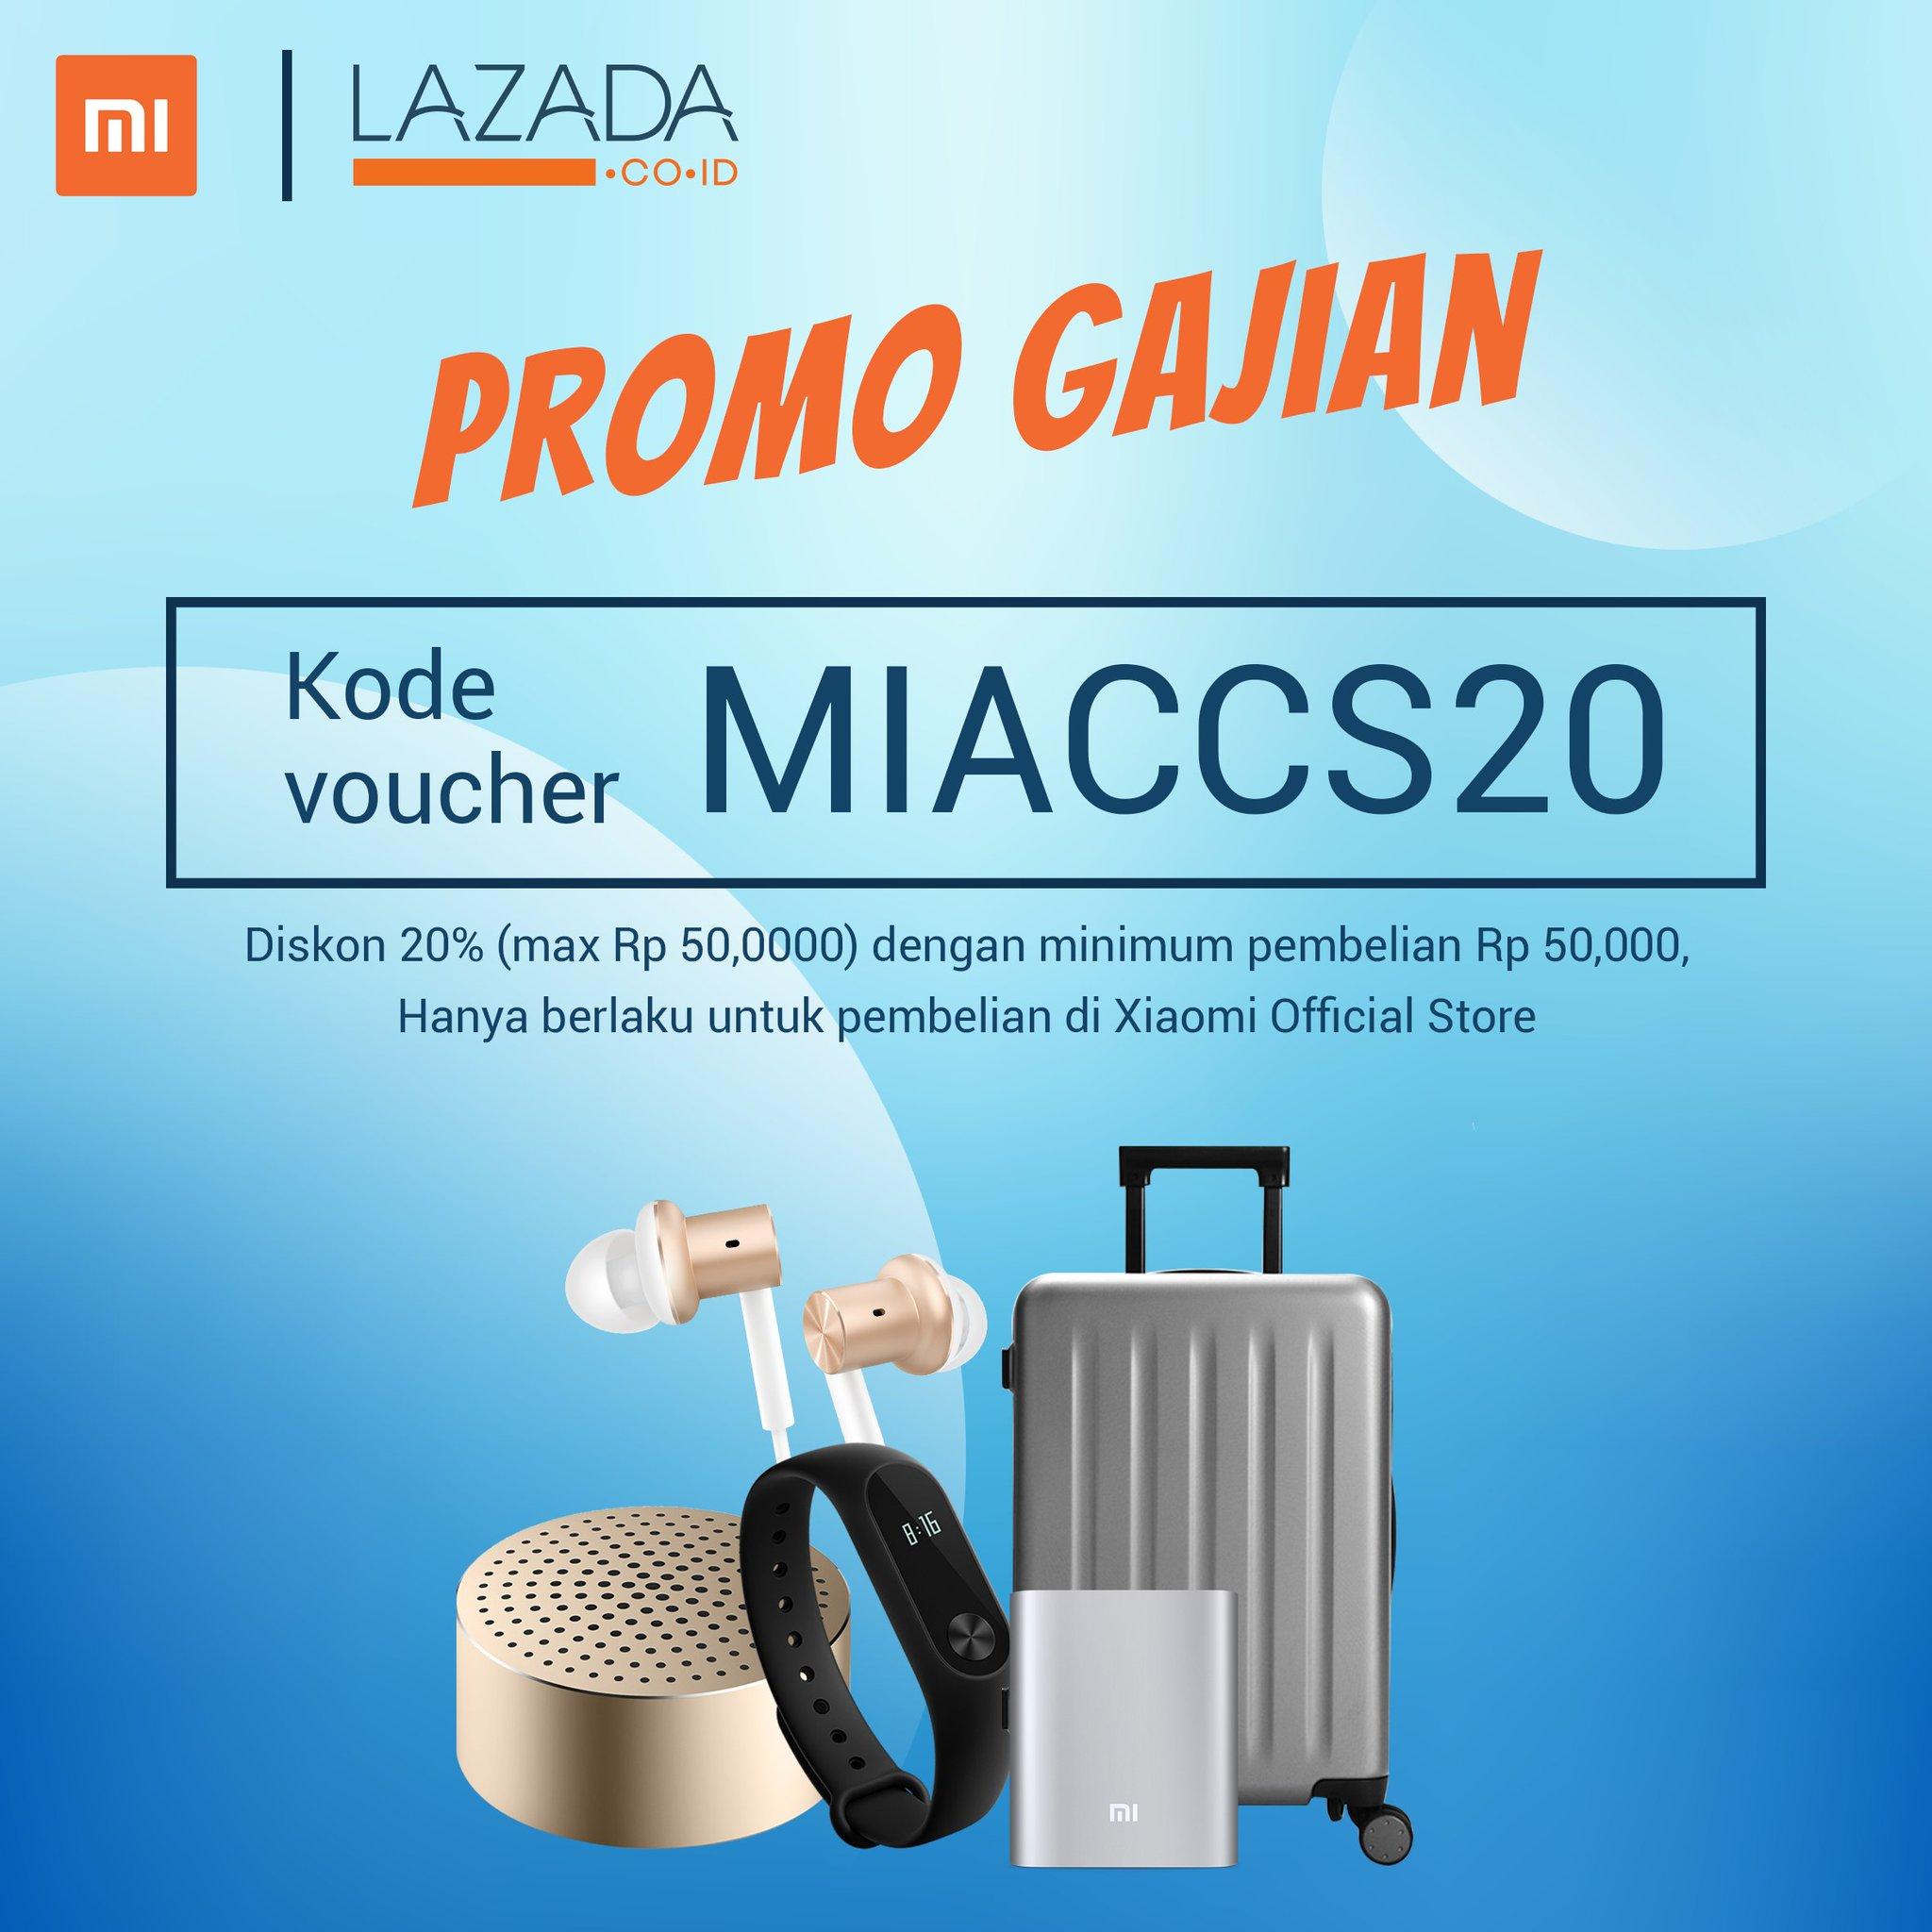 Xiaomi Indonesia Mifan On Twitter Ada Promo Gajian Nih Untuk Setiap Pembelian Accessories Di Xiaomi Official Store Di Lazadaid Pakai Kode Voucher Miaccs20 Ya S K Berlaku Https T Co 9a5a5dynhq